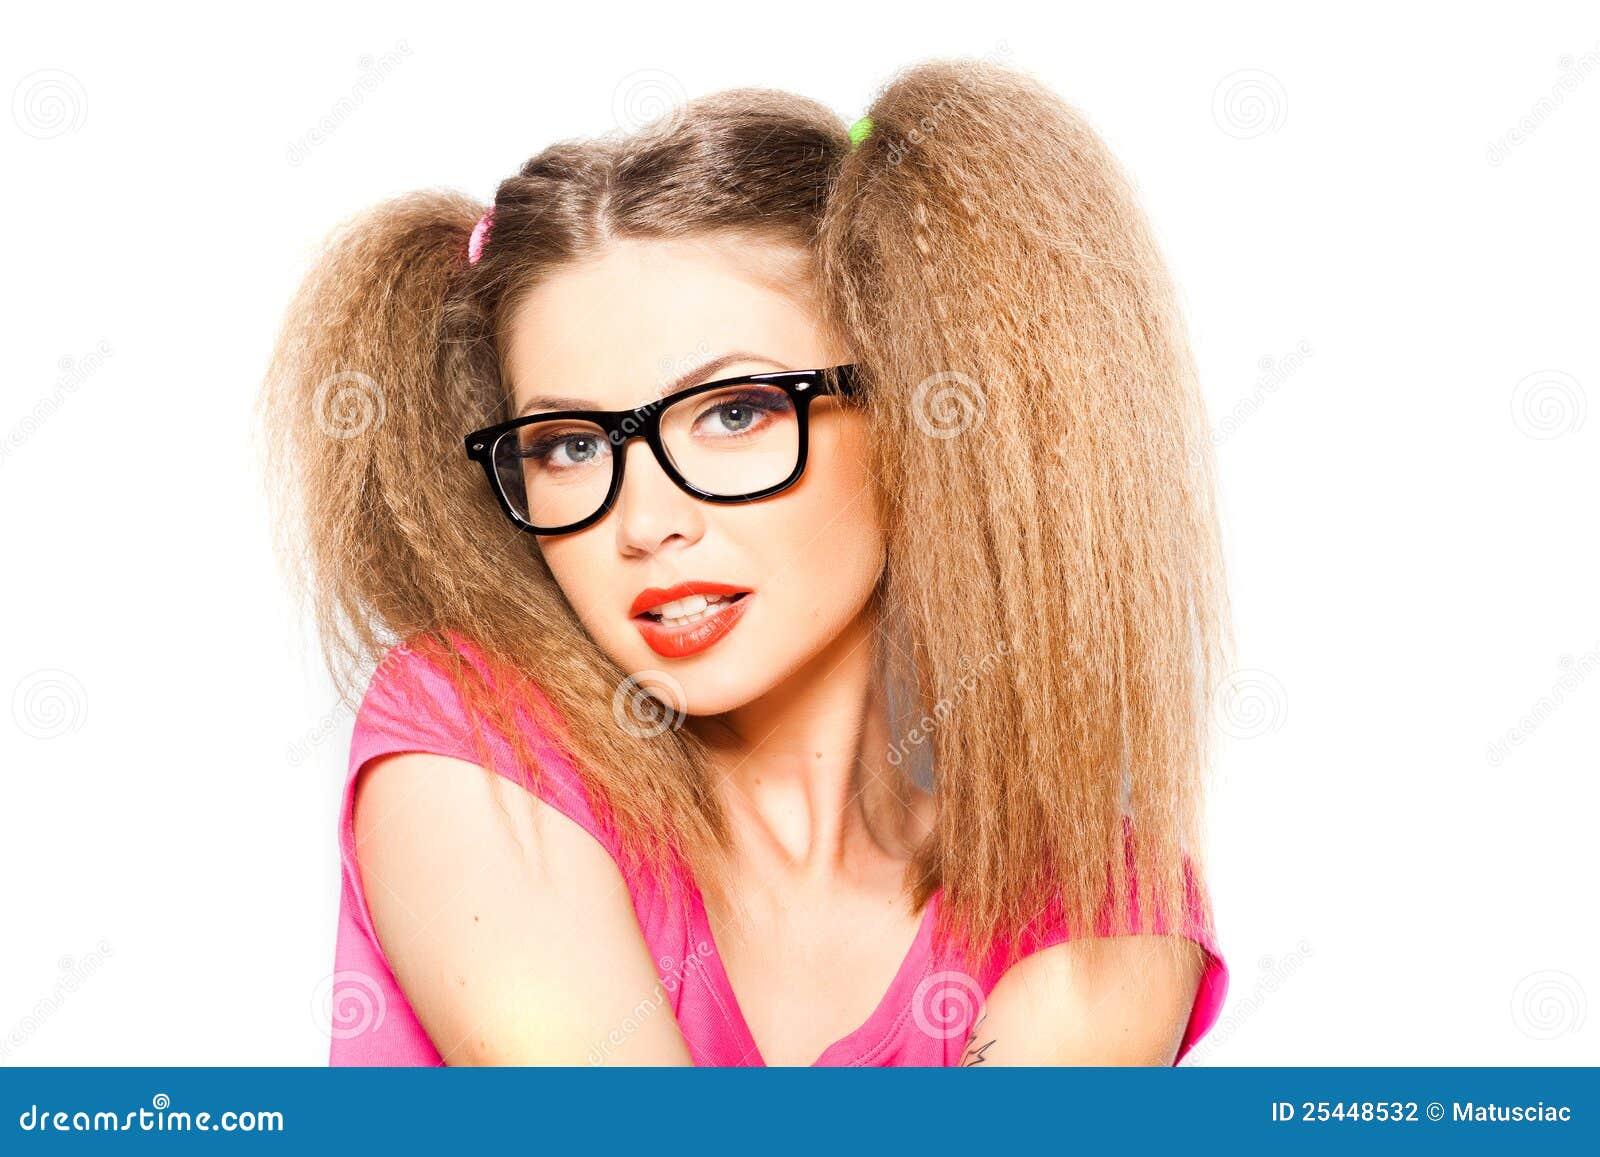 Девушка с двумя хвостиками фото